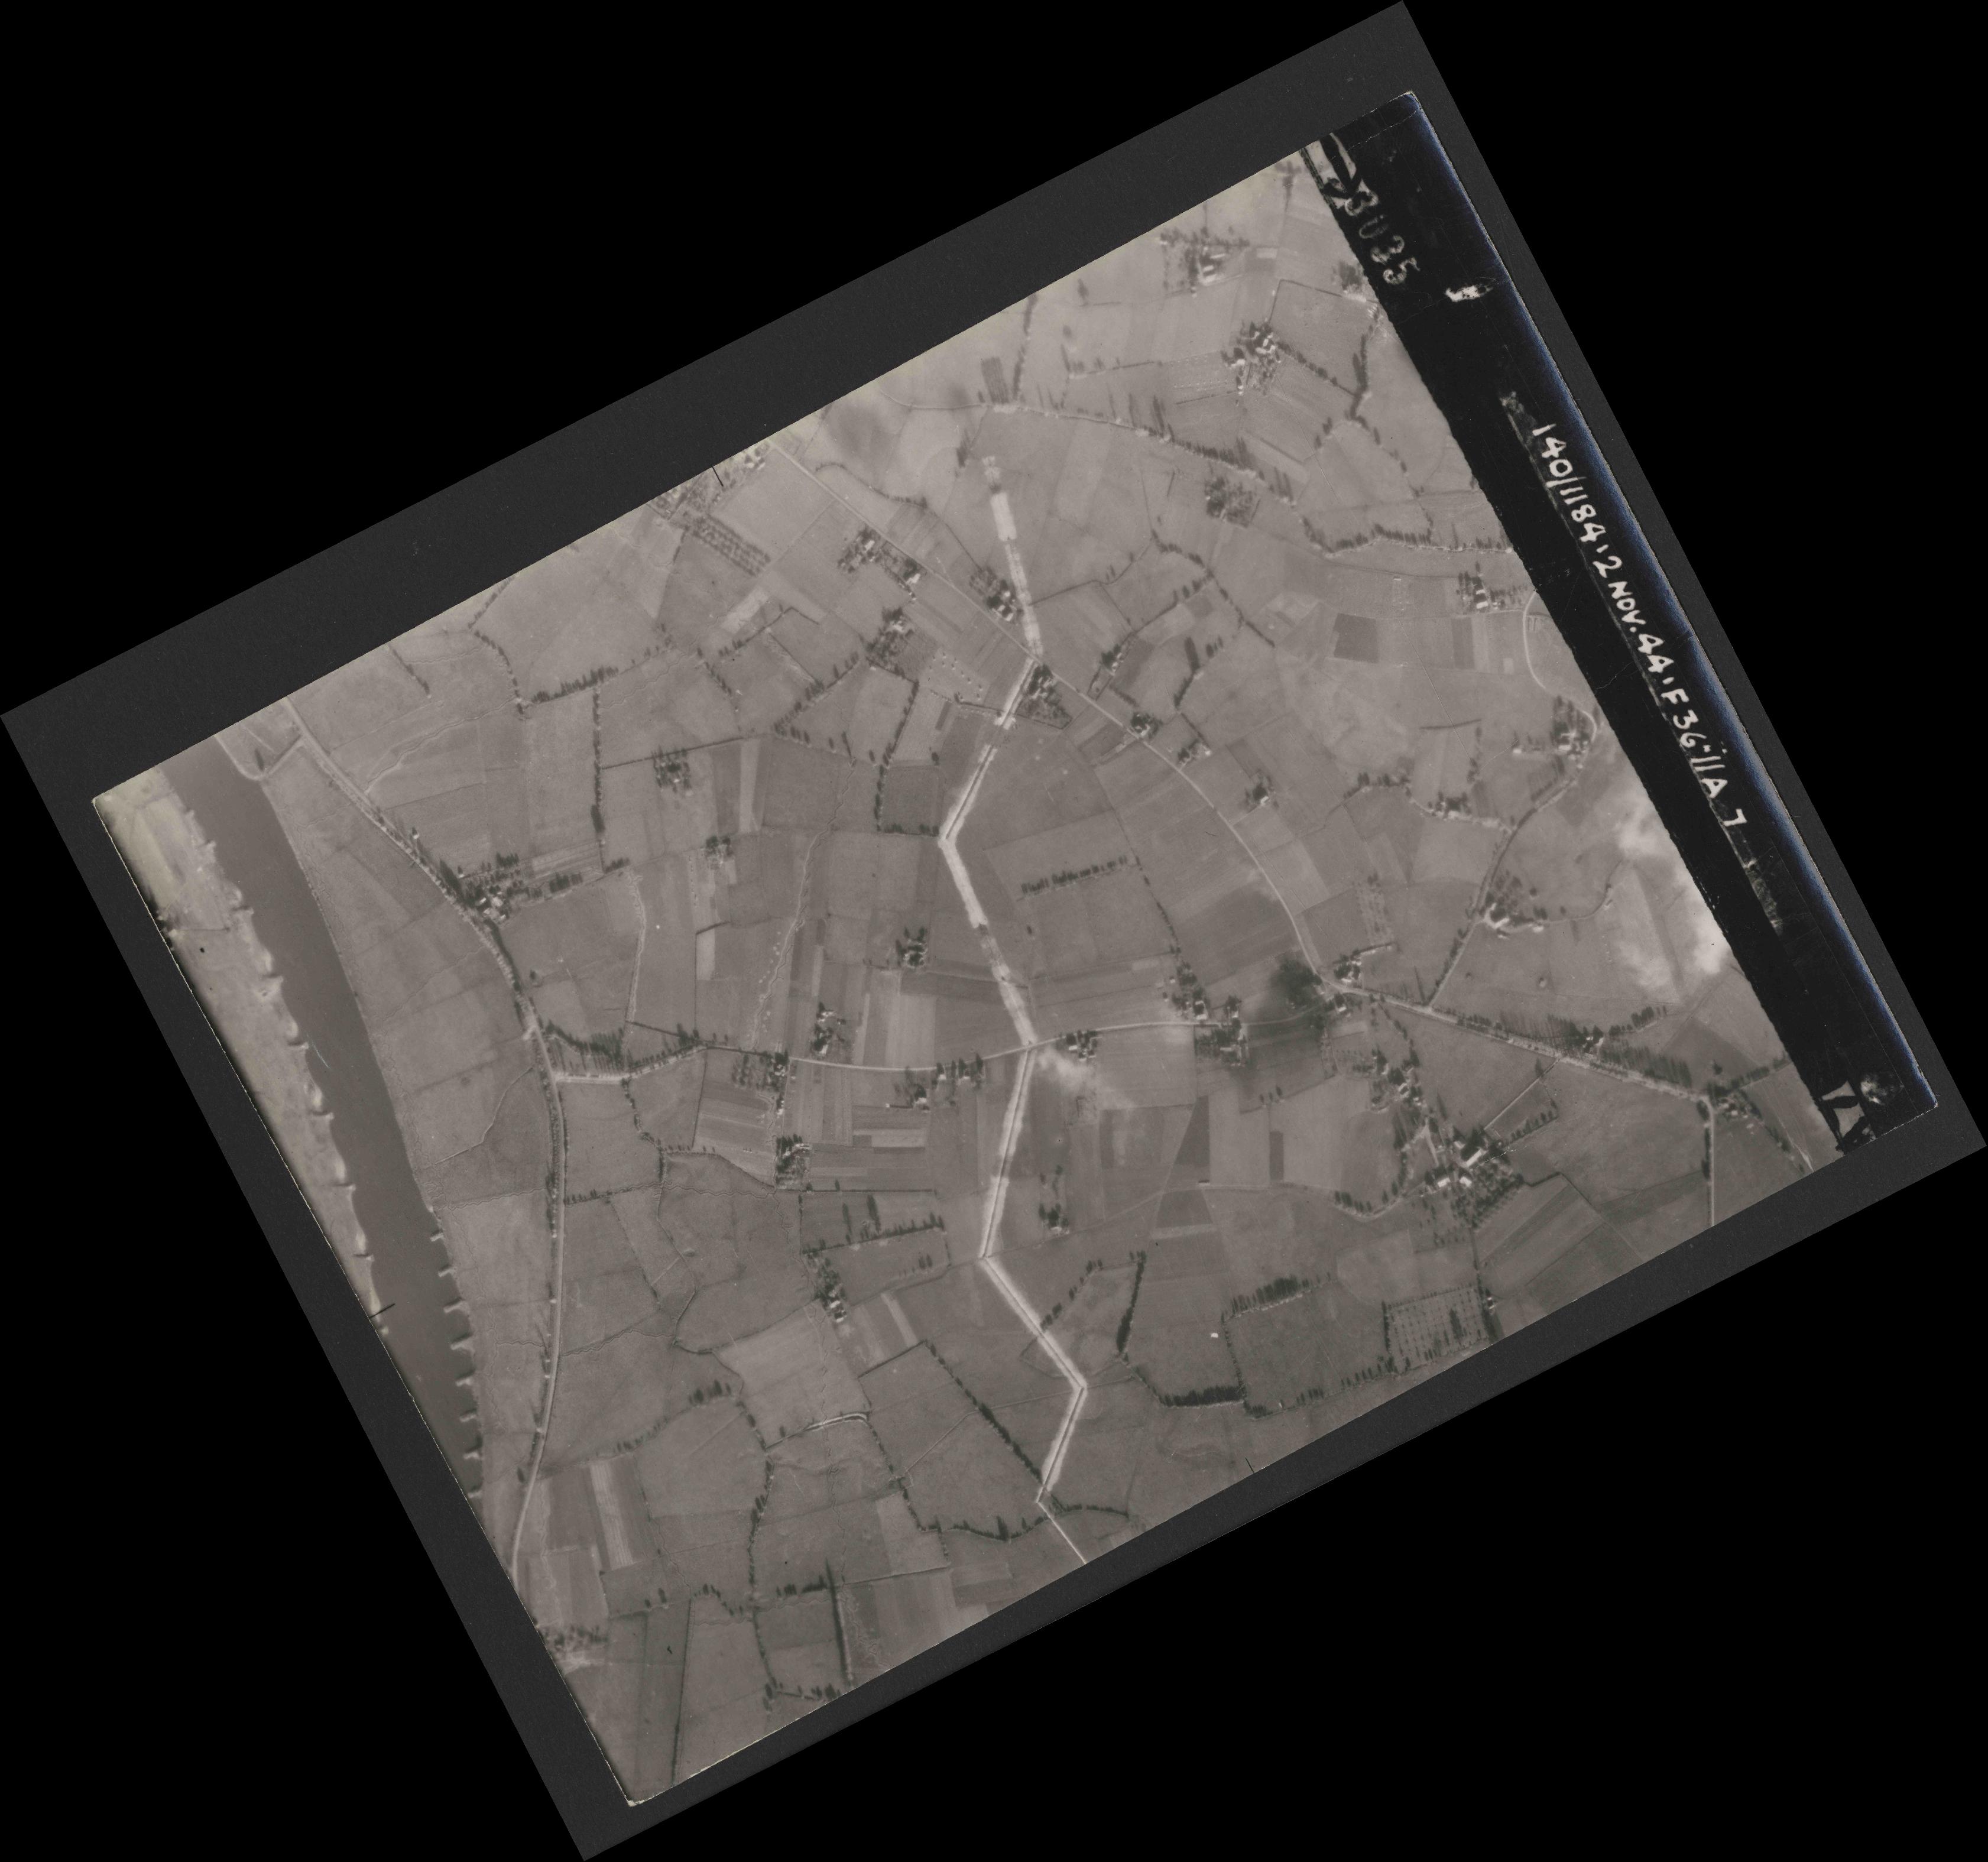 Collection RAF aerial photos 1940-1945 - flight 228, run 06, photo 3035